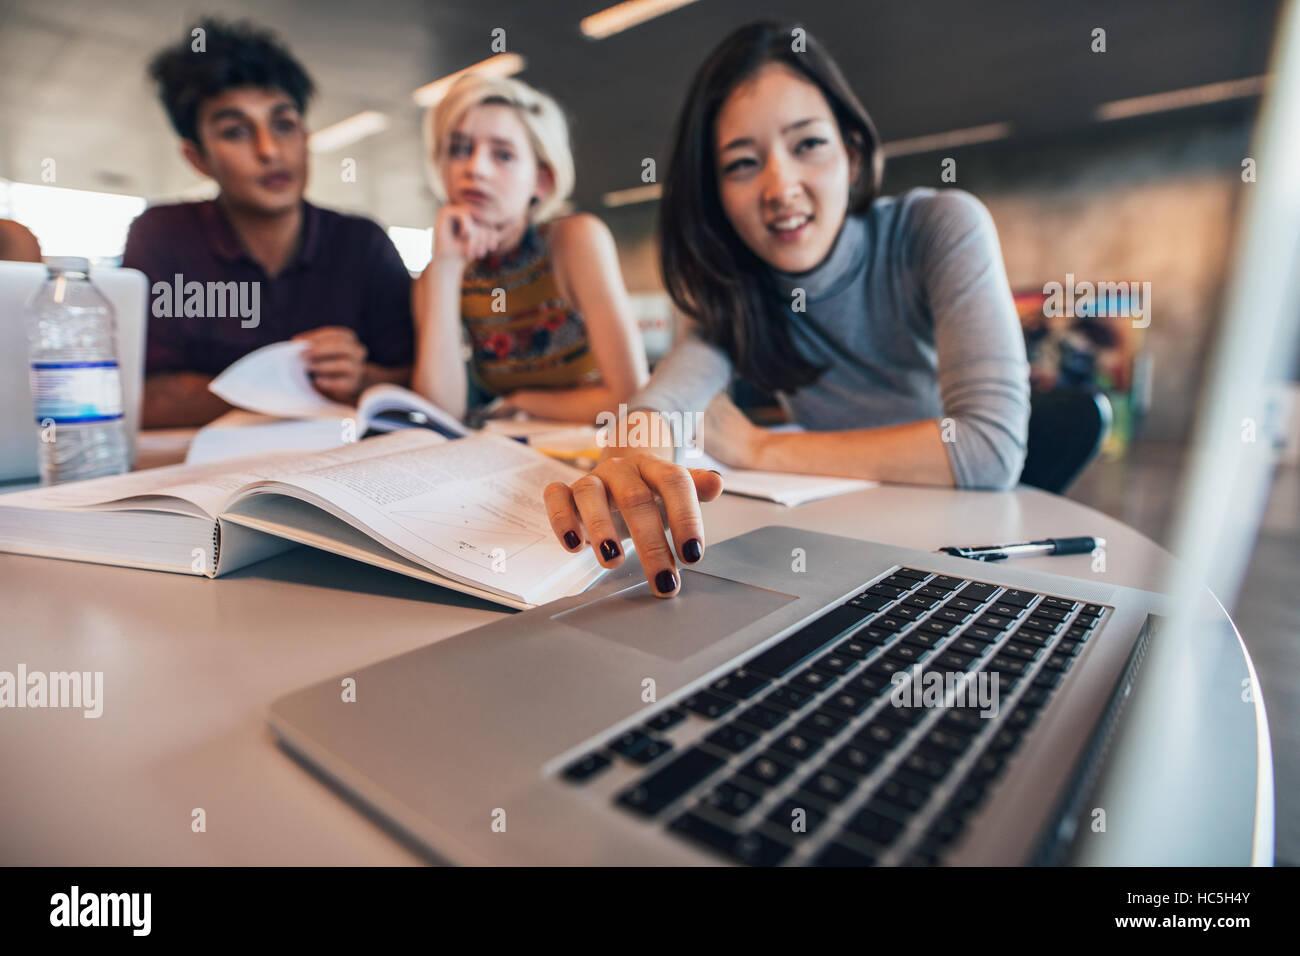 Estudiantes universitarios con laptop en una biblioteca. Un hombre y una mujer jóvenes estudian juntos. Imagen De Stock